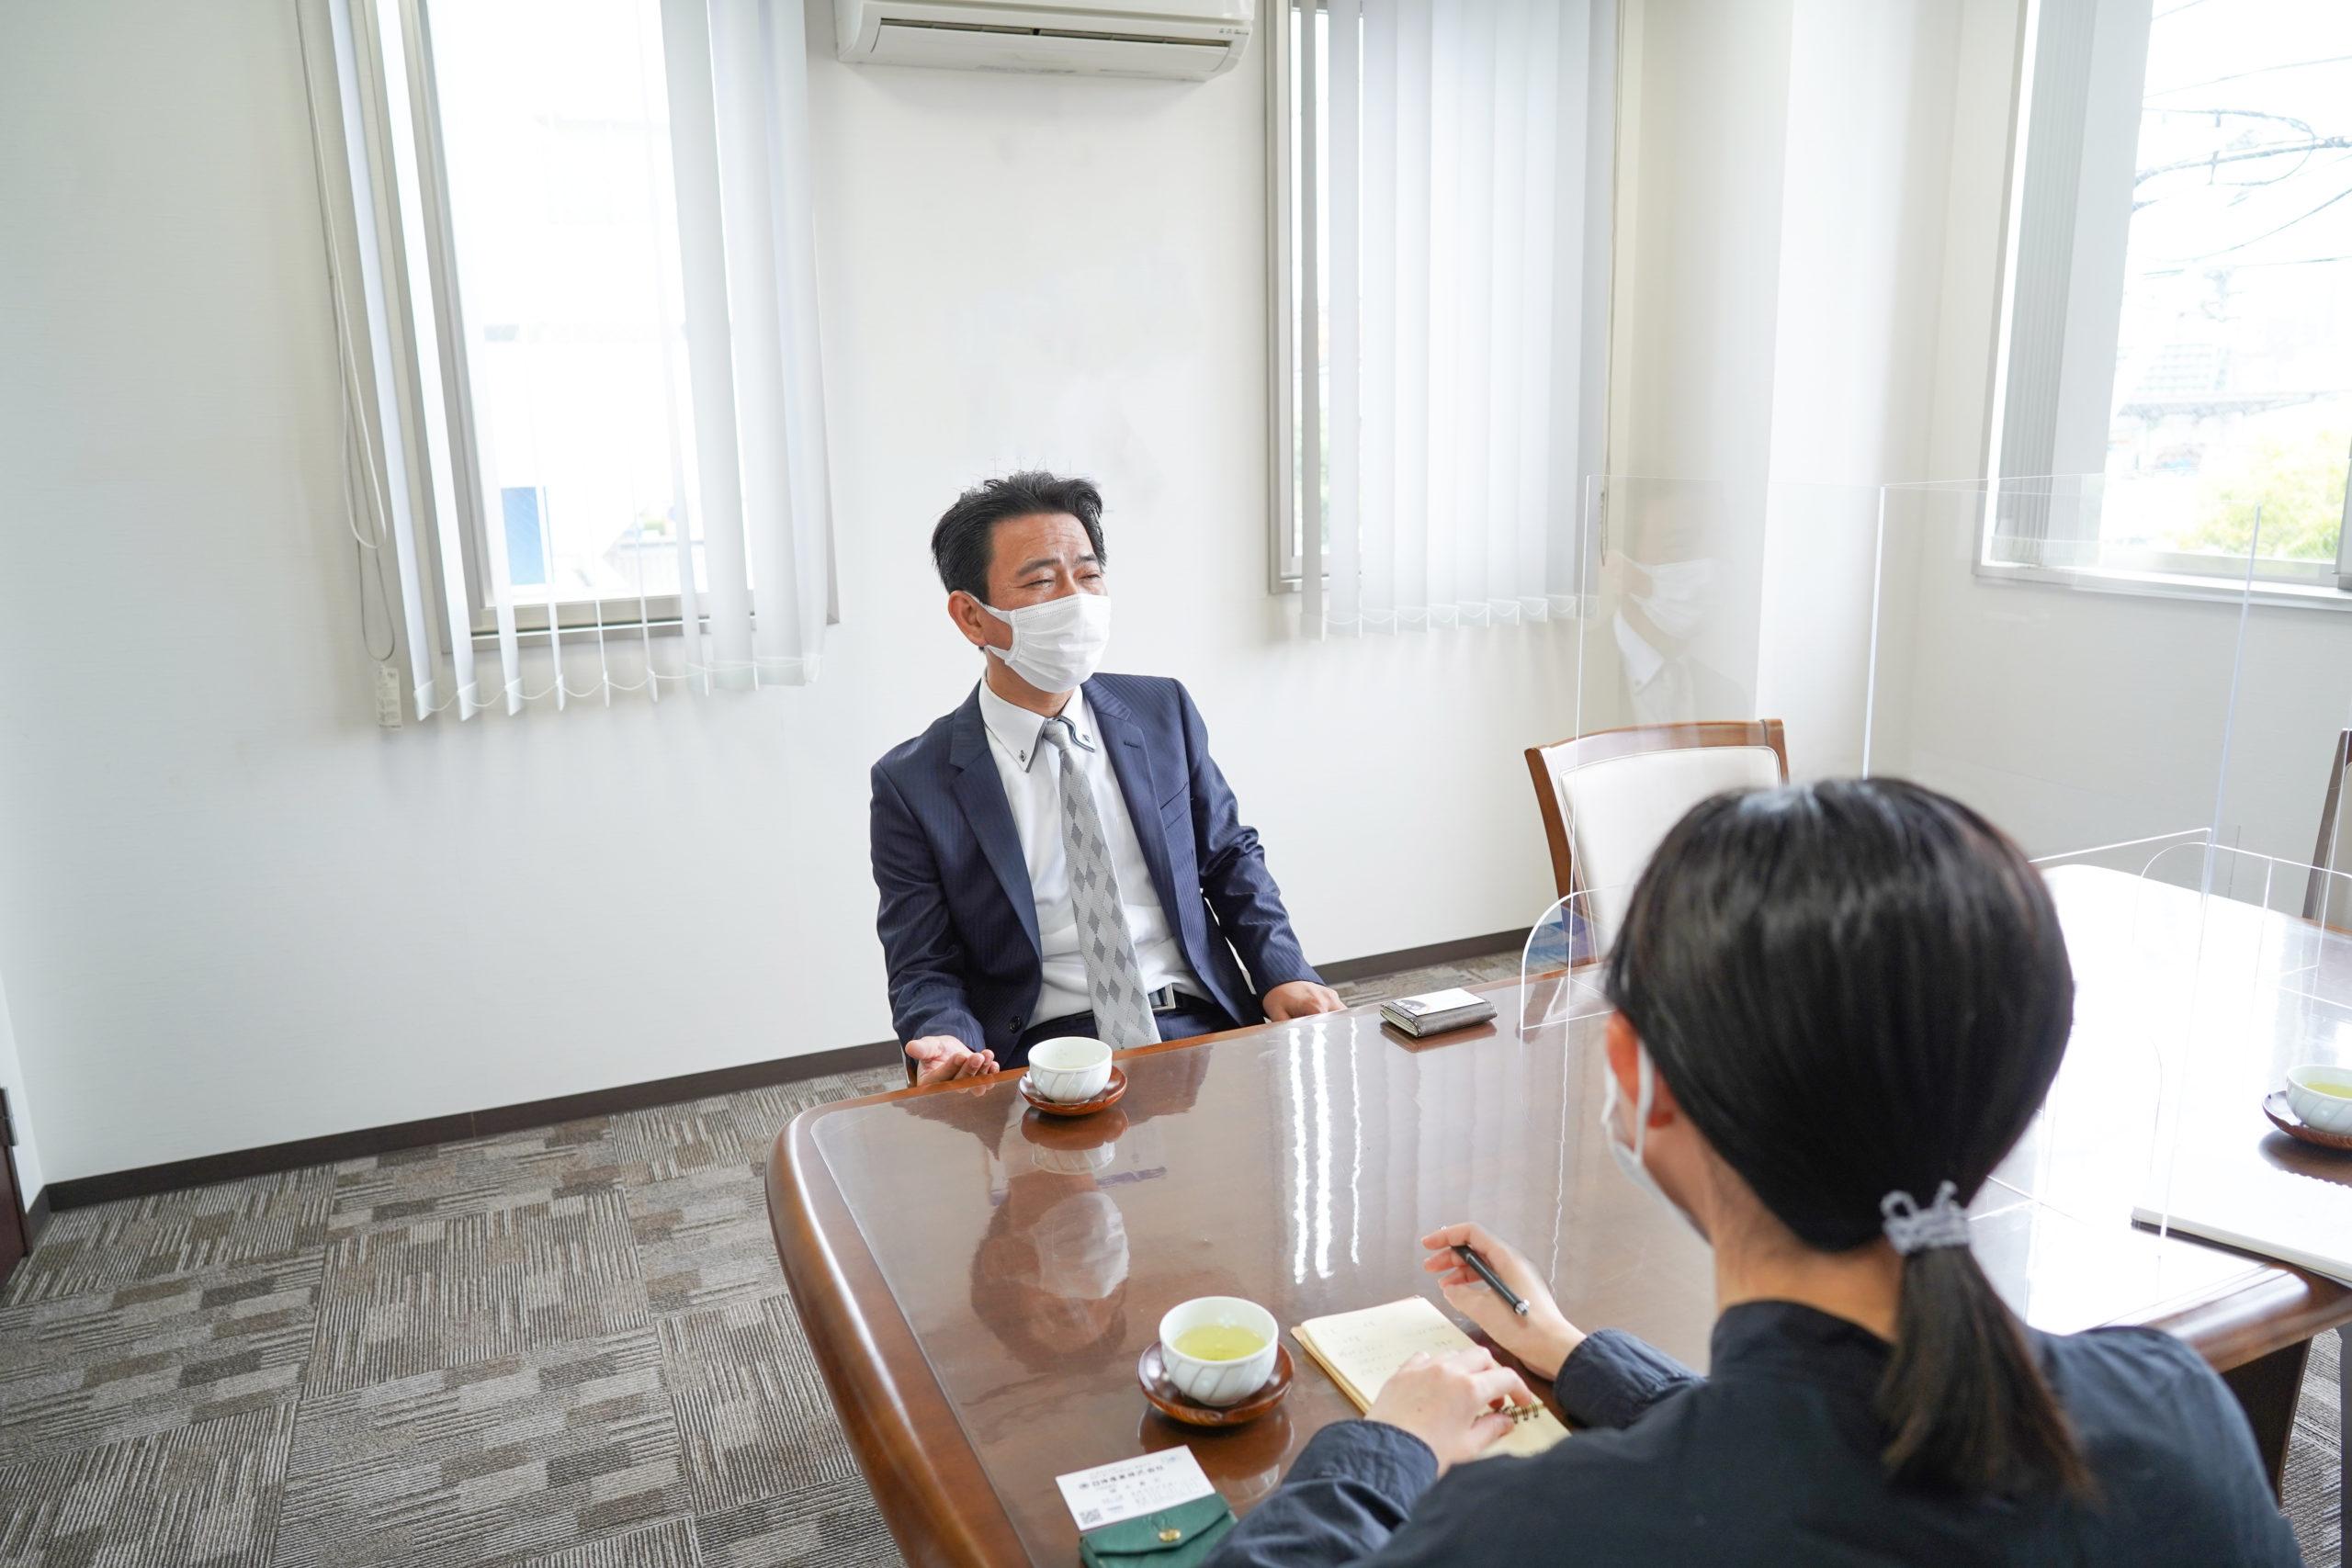 日伸産業株式会社の植木社長とライターの大塚